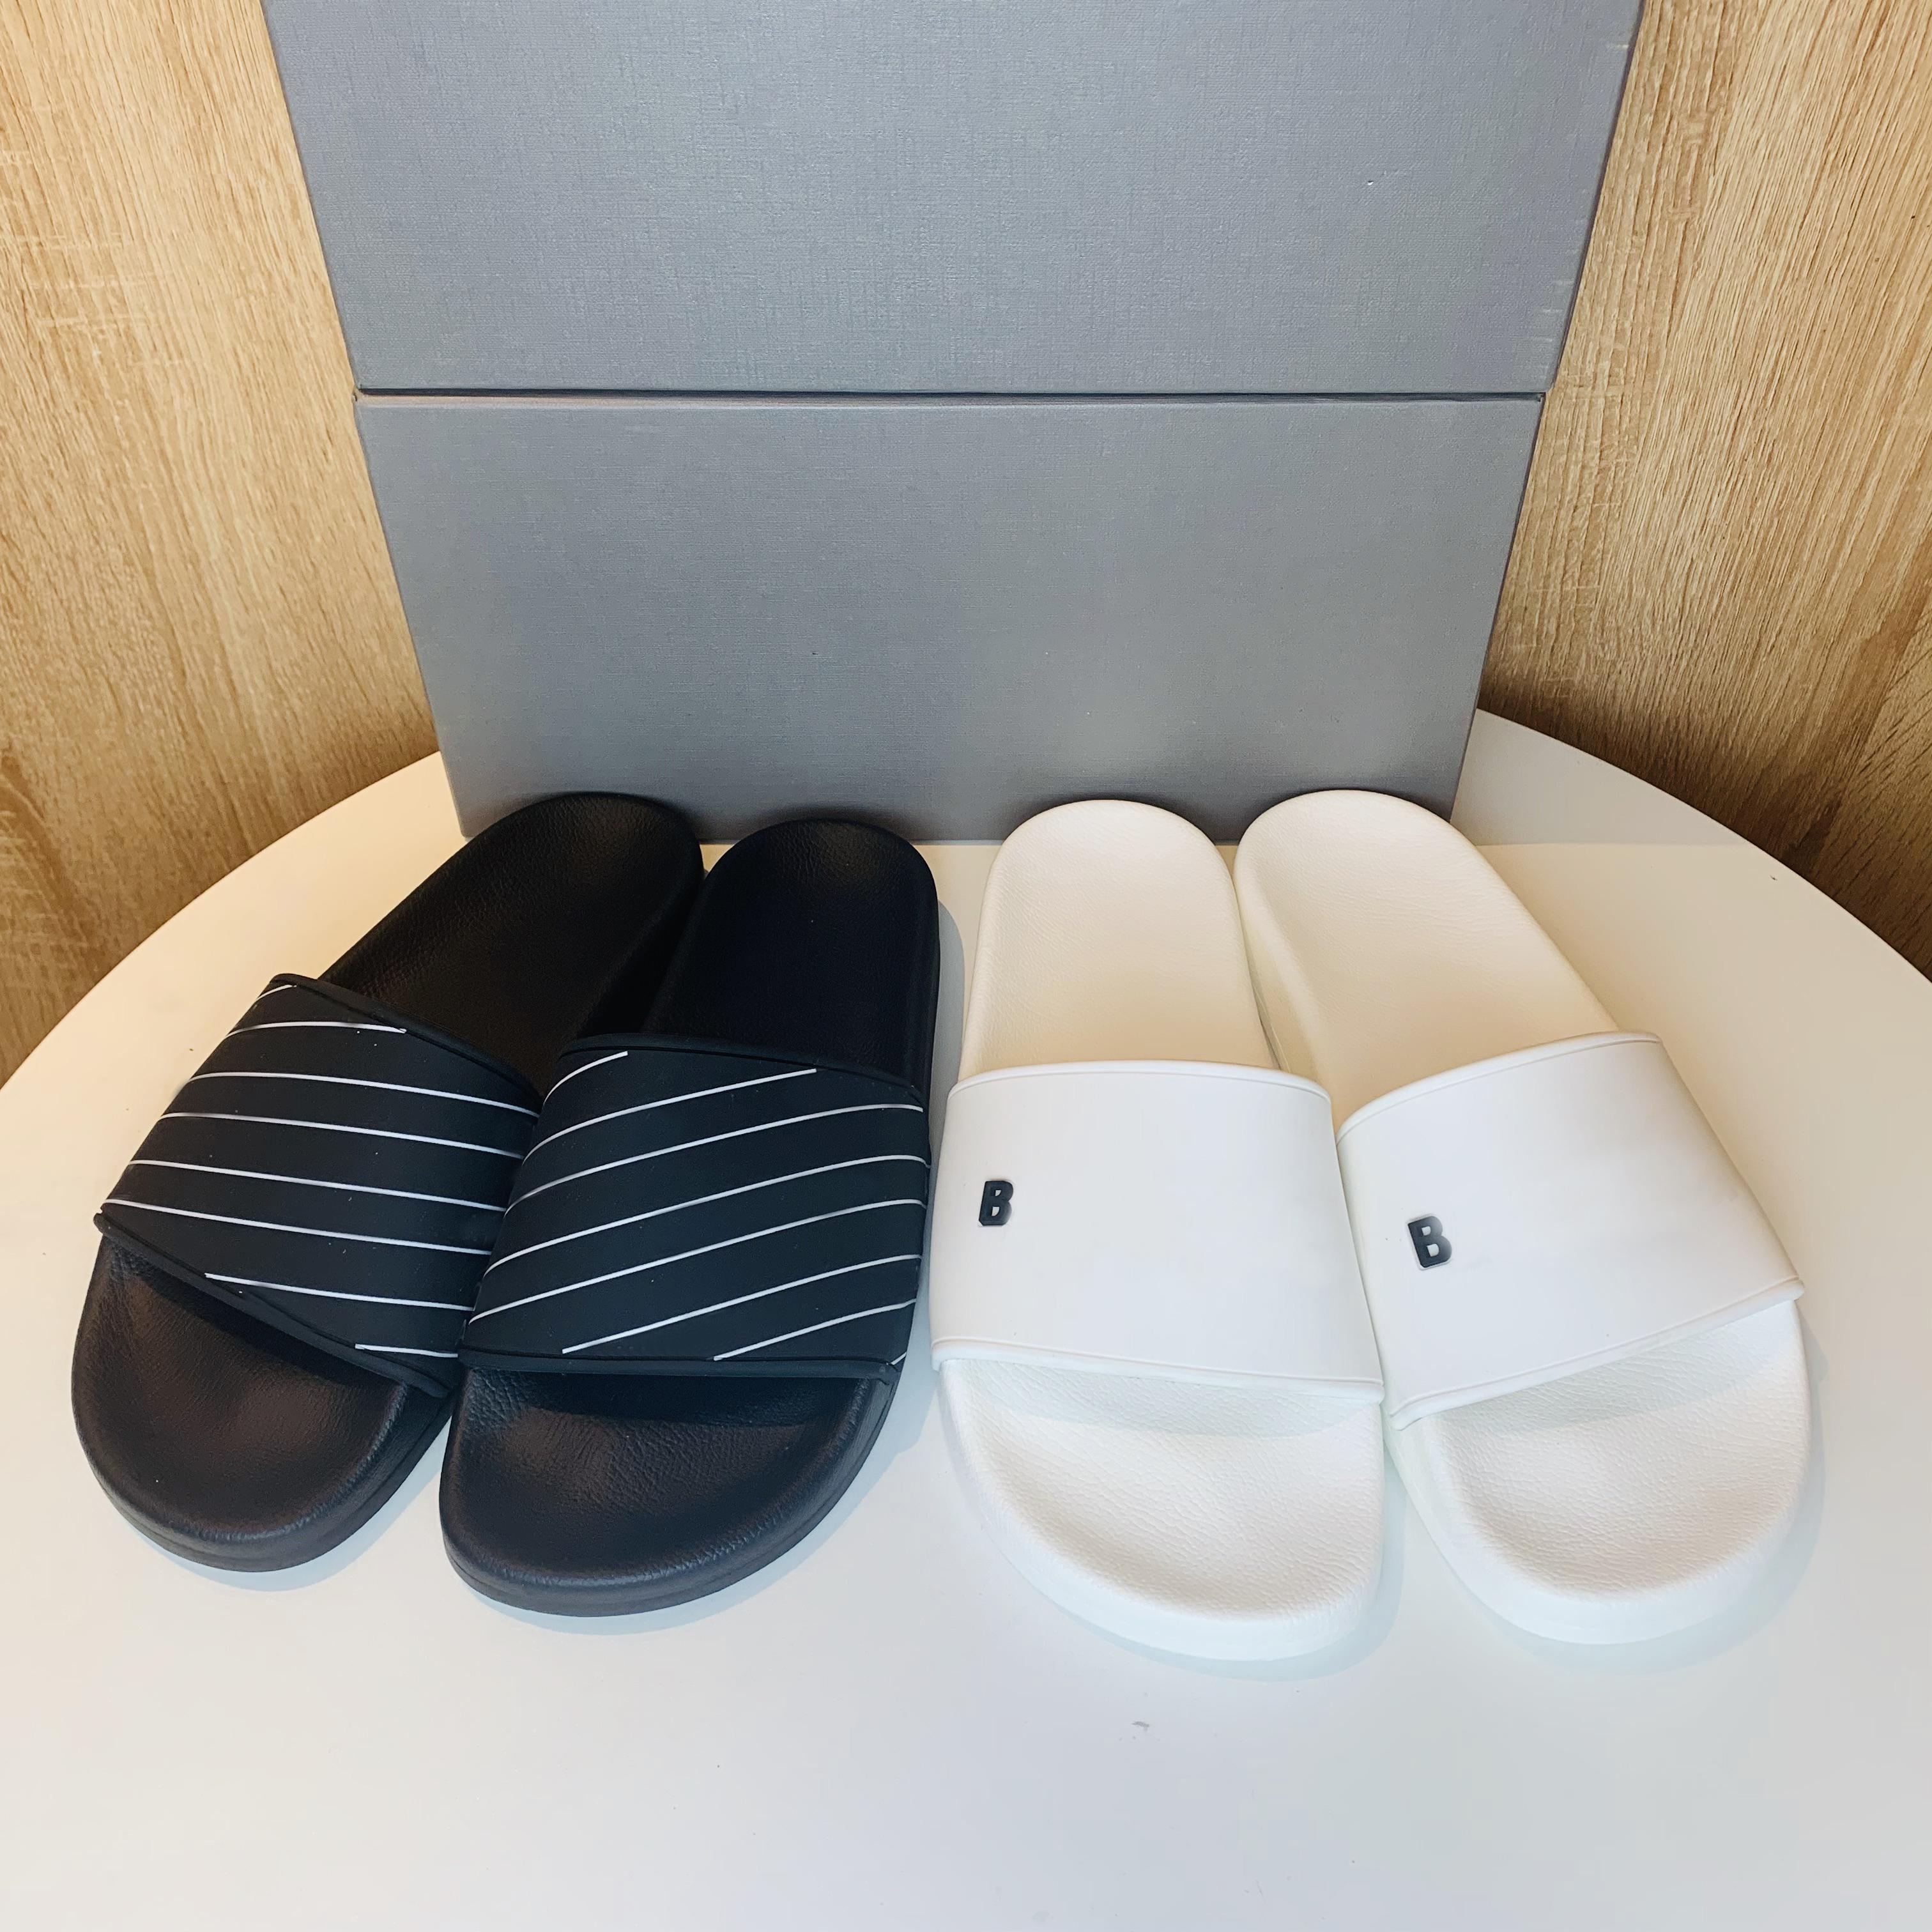 Классические мужские тапочки женские сандалии тапочки скольжения Высококачественные летние моды широкие плоские тапочки шлепанки с коробкой размером 35-46